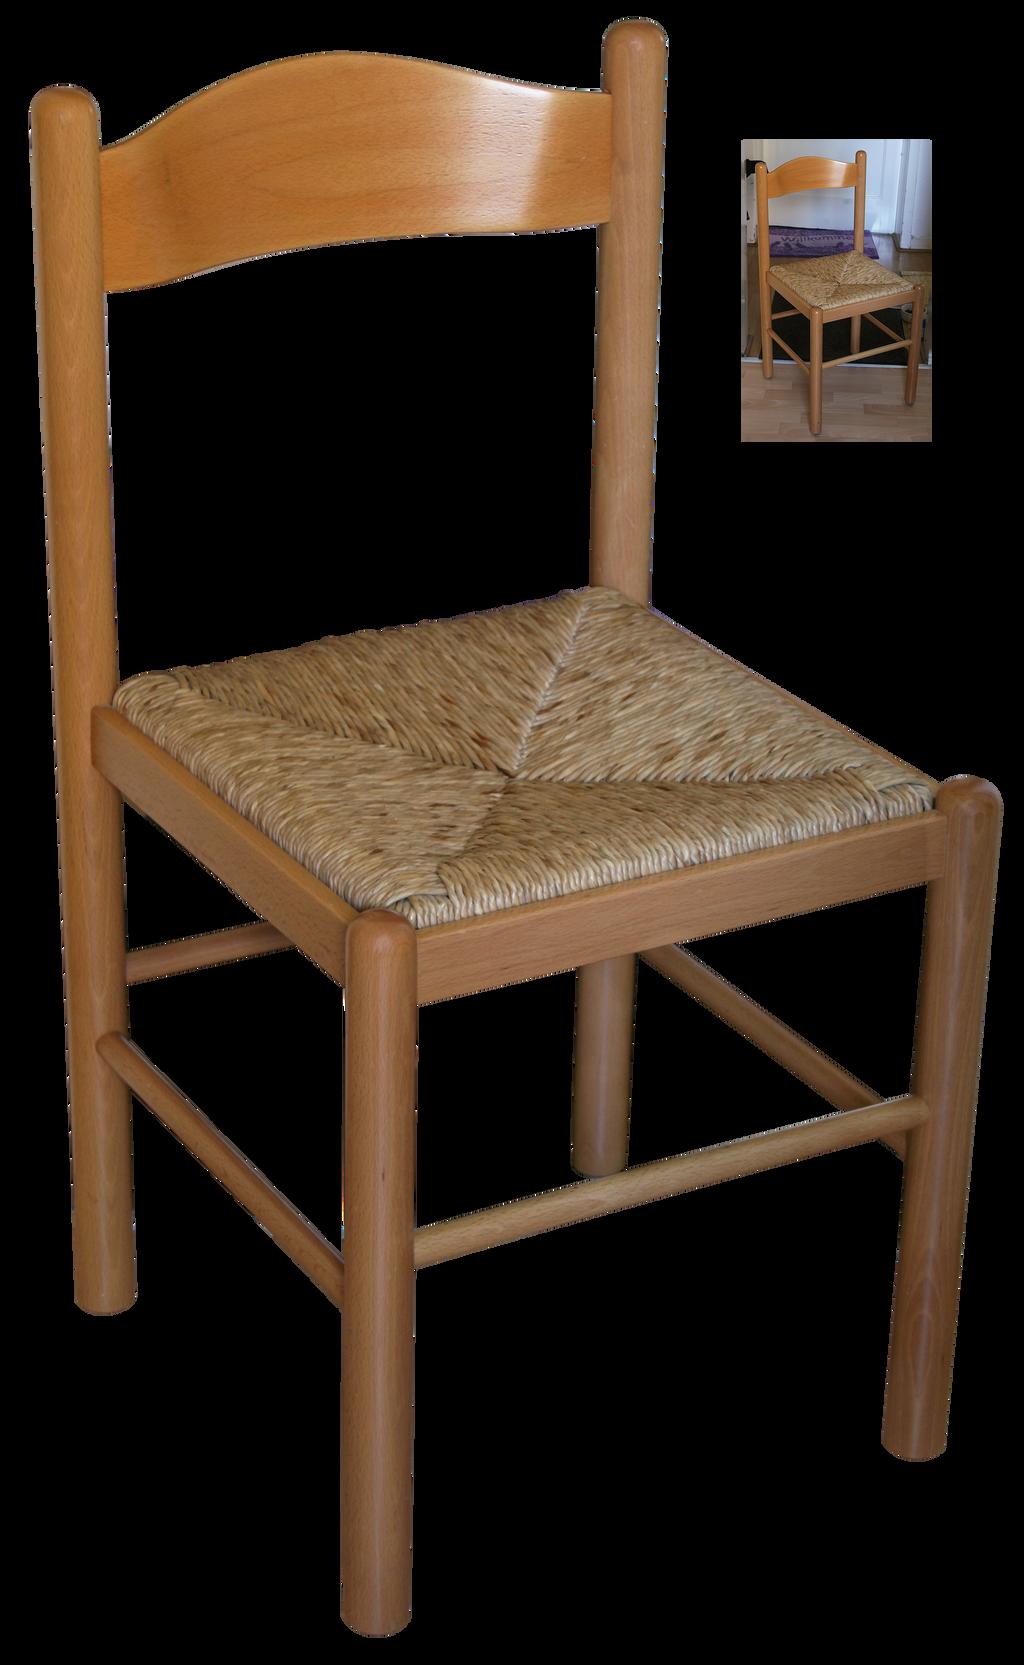 wooden kitchen chair 02 by nexu4 on deviantart